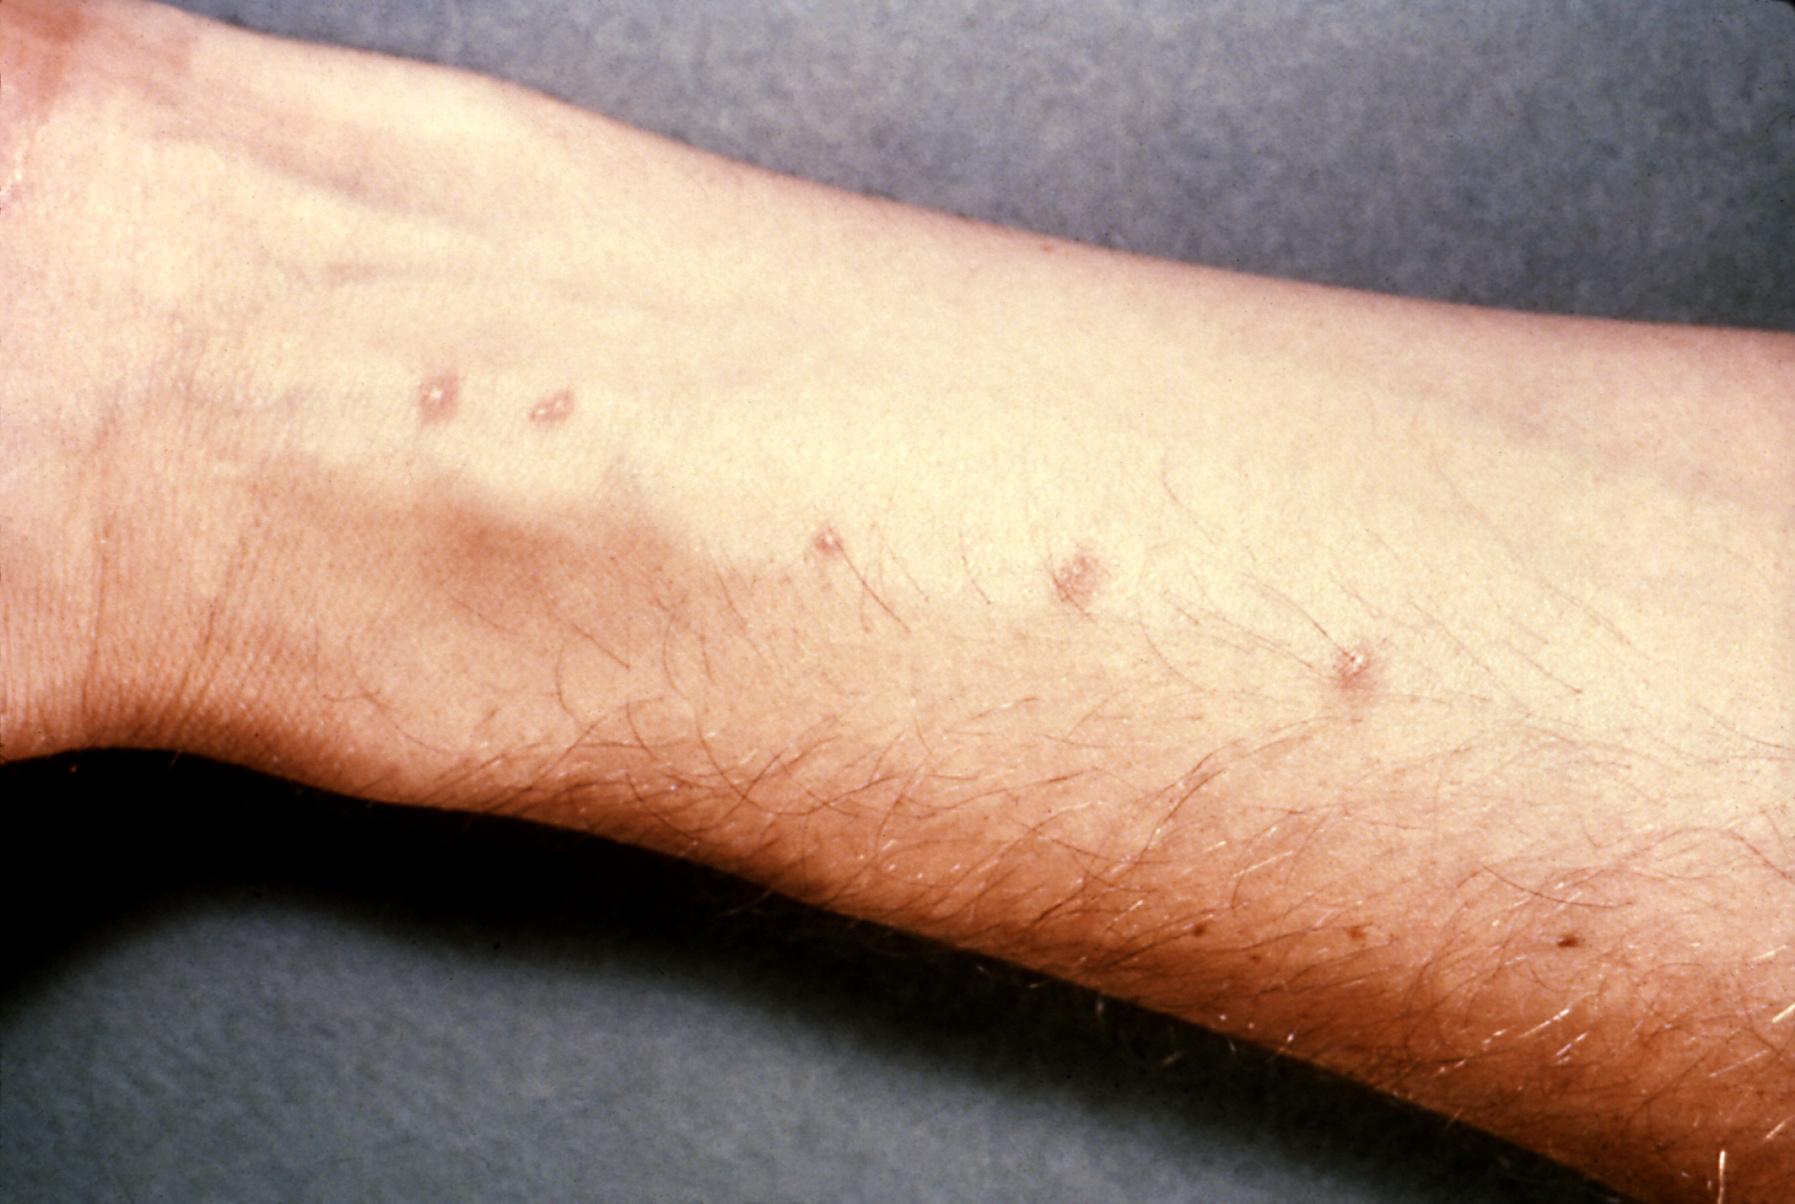 cdc schistosomiasis